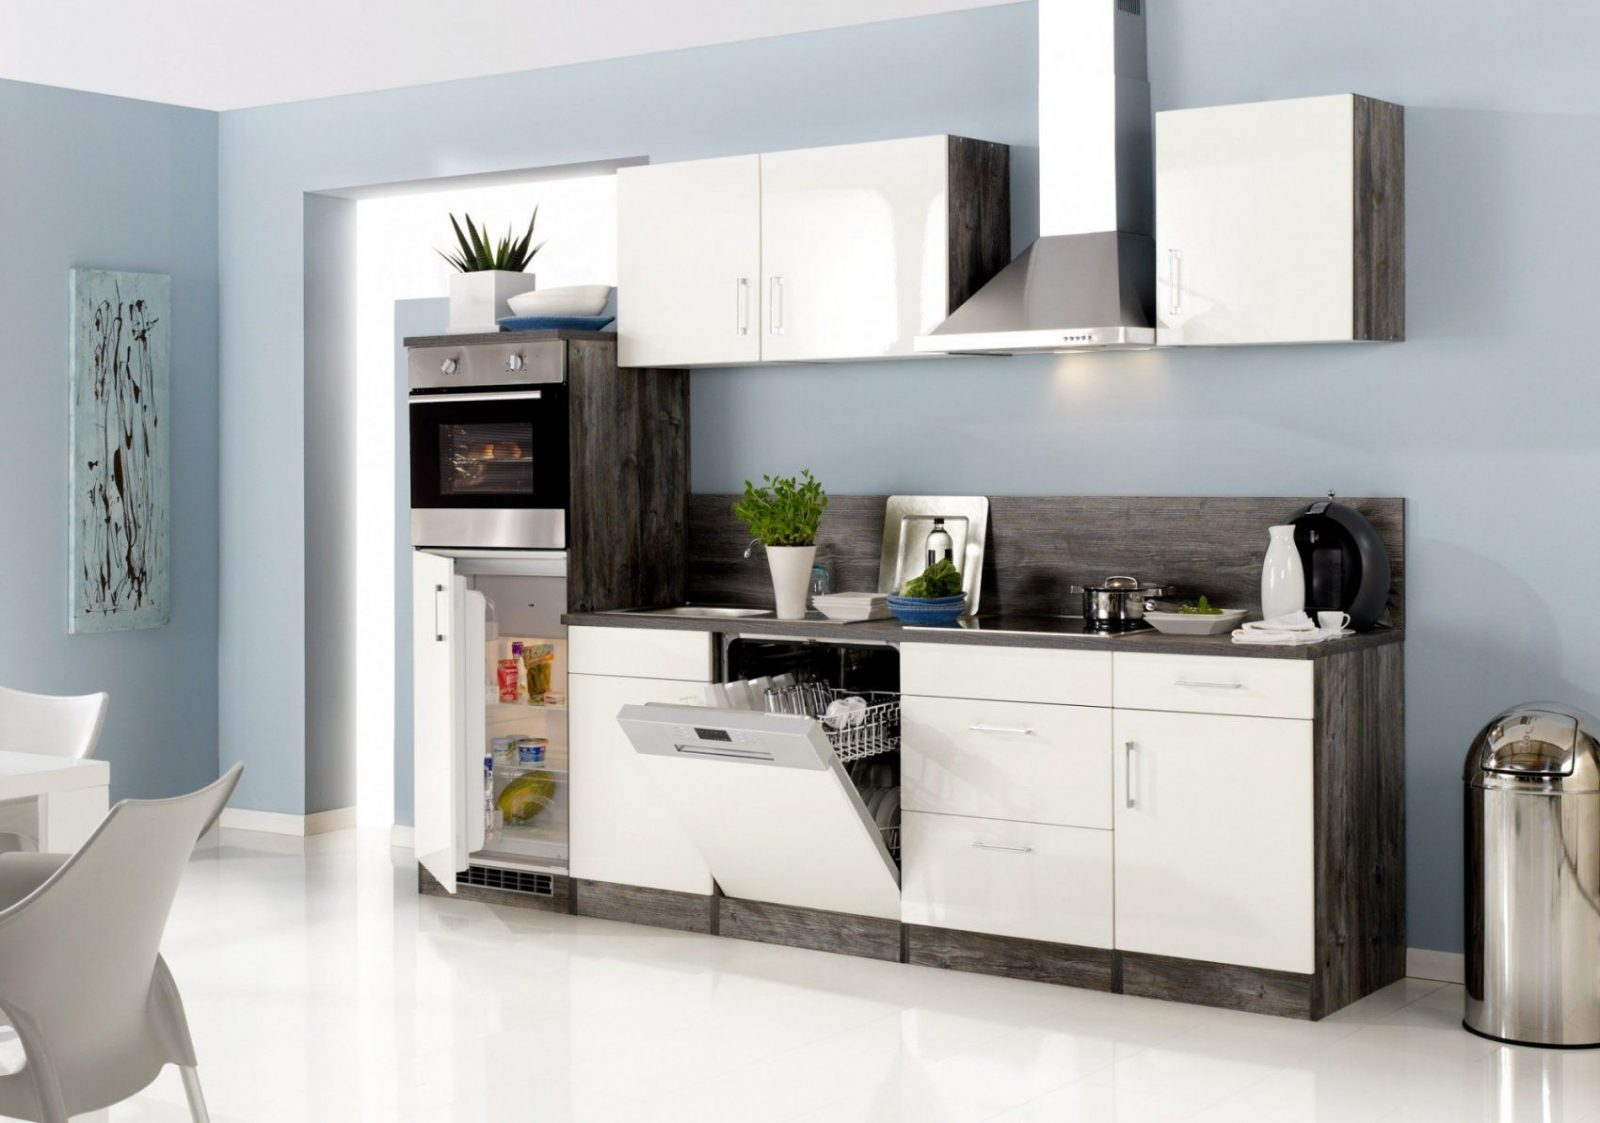 Küchenzeile Lissabon  Küche Mit Egeräten  Breite 280 Cm 15 von Küchenzeile 280 Cm Mit Elektrogeräten Günstig Bild